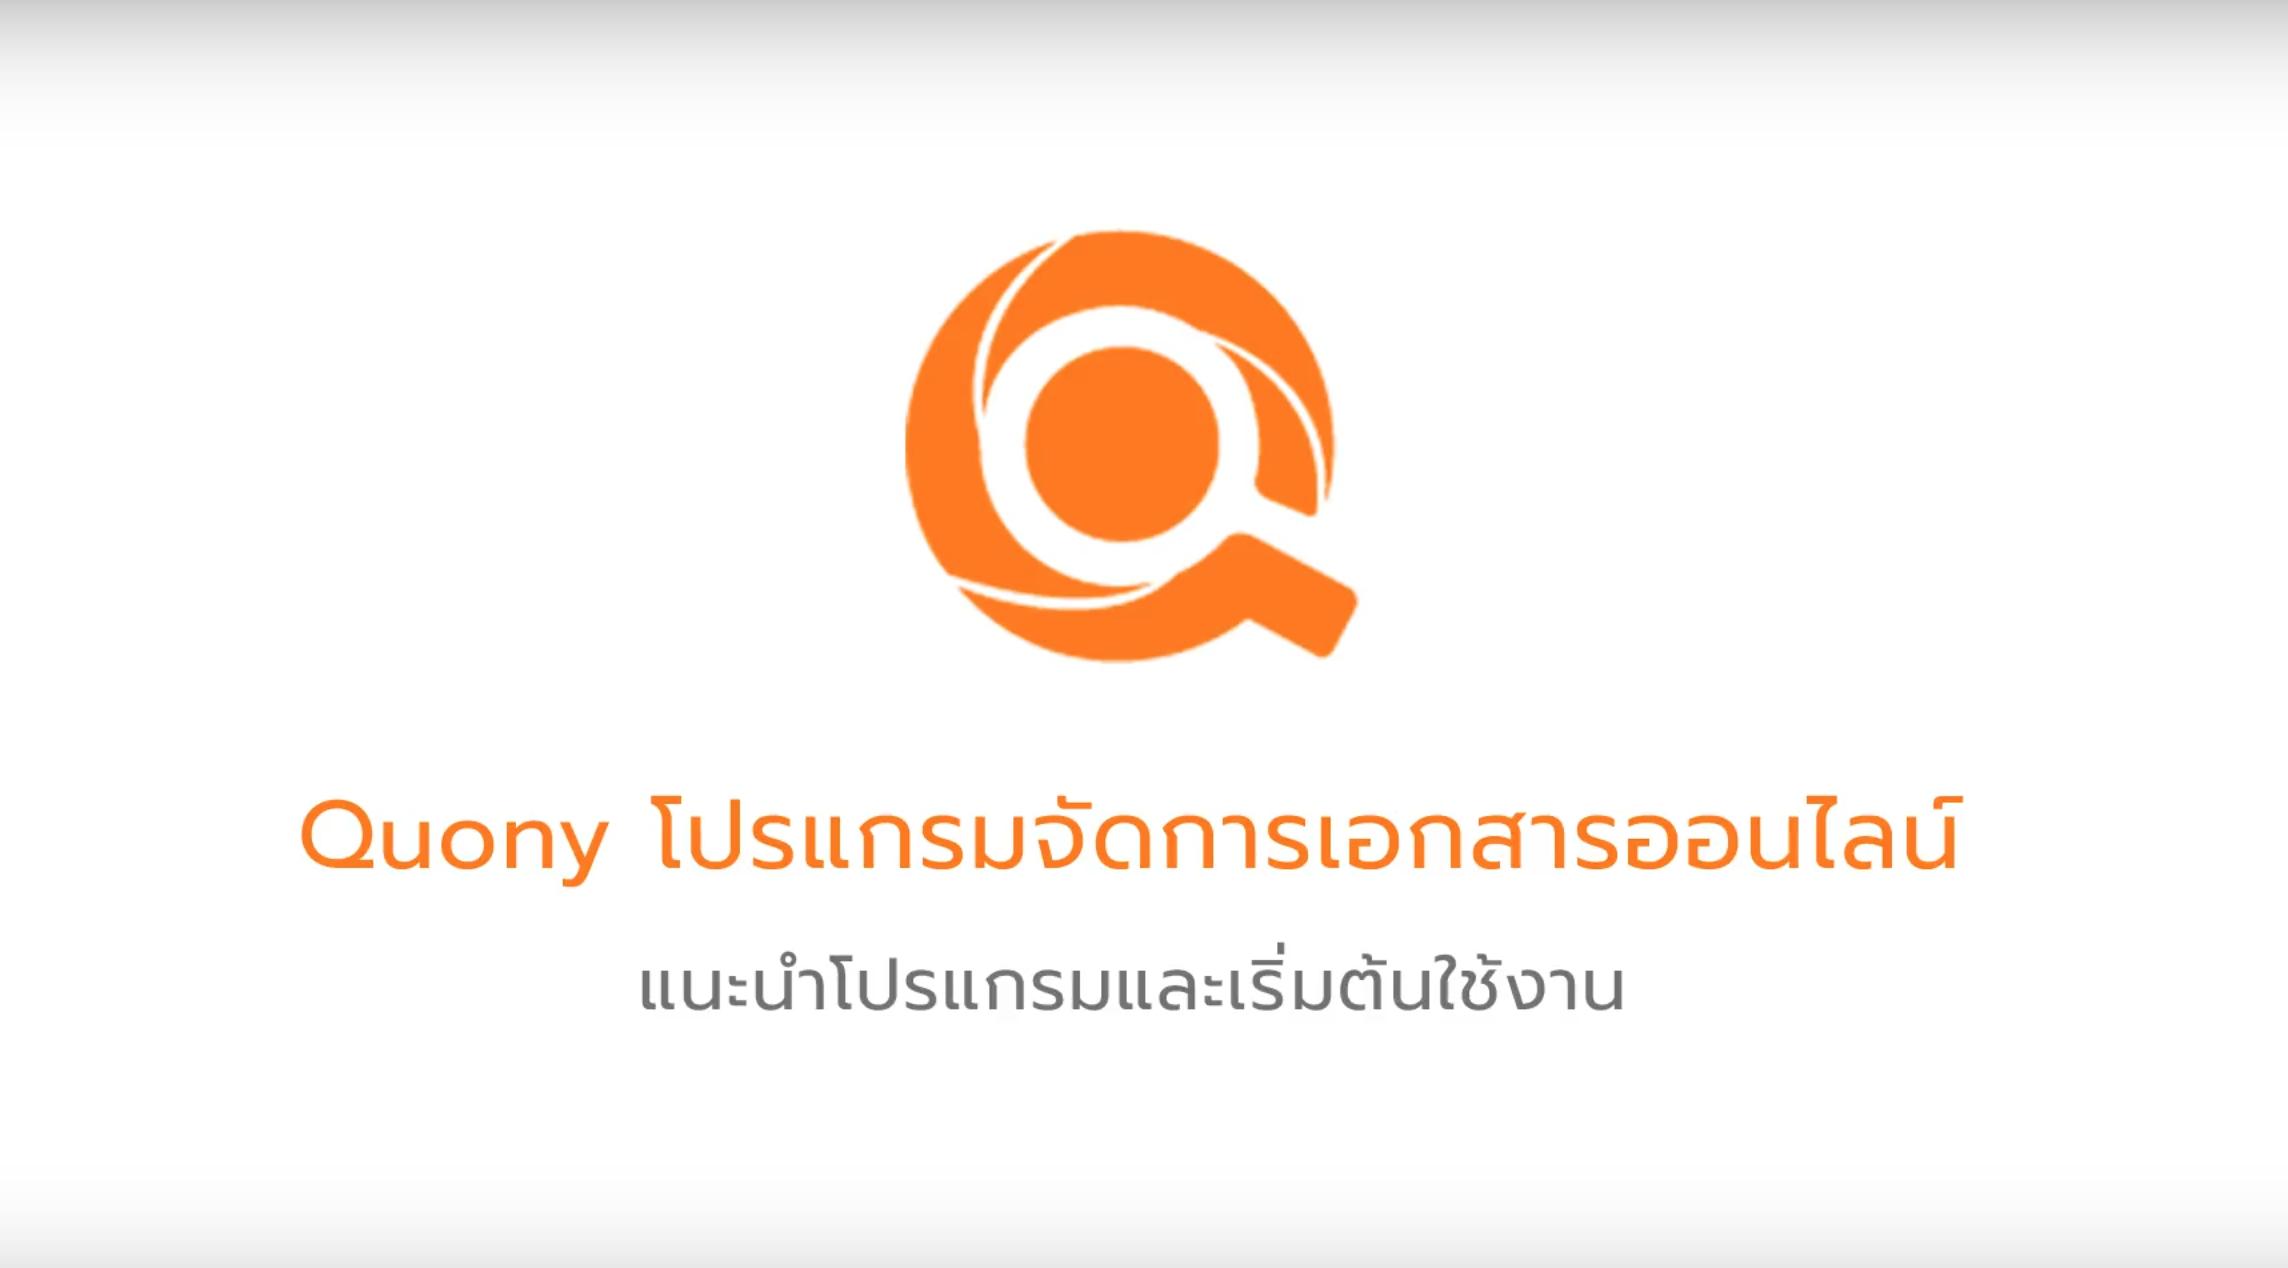 แนะนำโปรแกรม Quony สำหรับจัดการเอกสารออนไลน์ ฟรี!